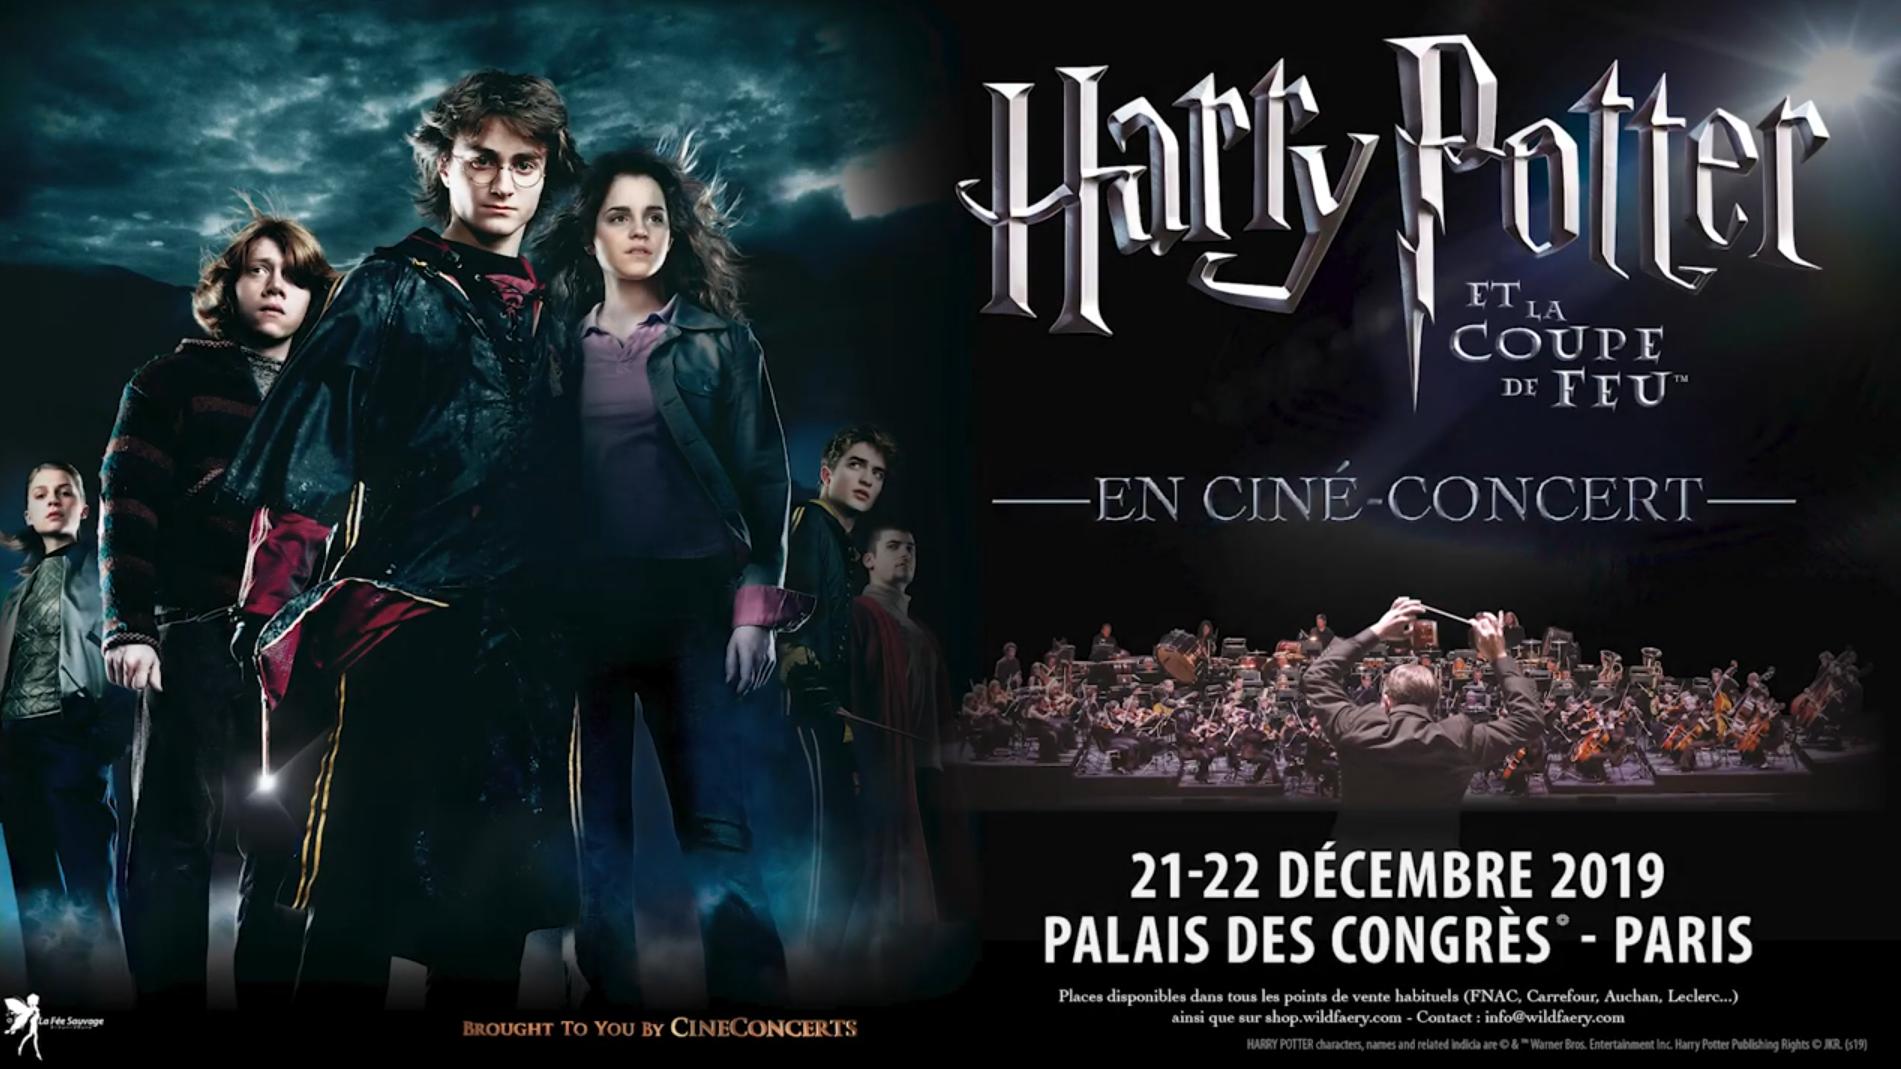 Cinéconcert Harry Potter et la Coupe de Feu à Paris !